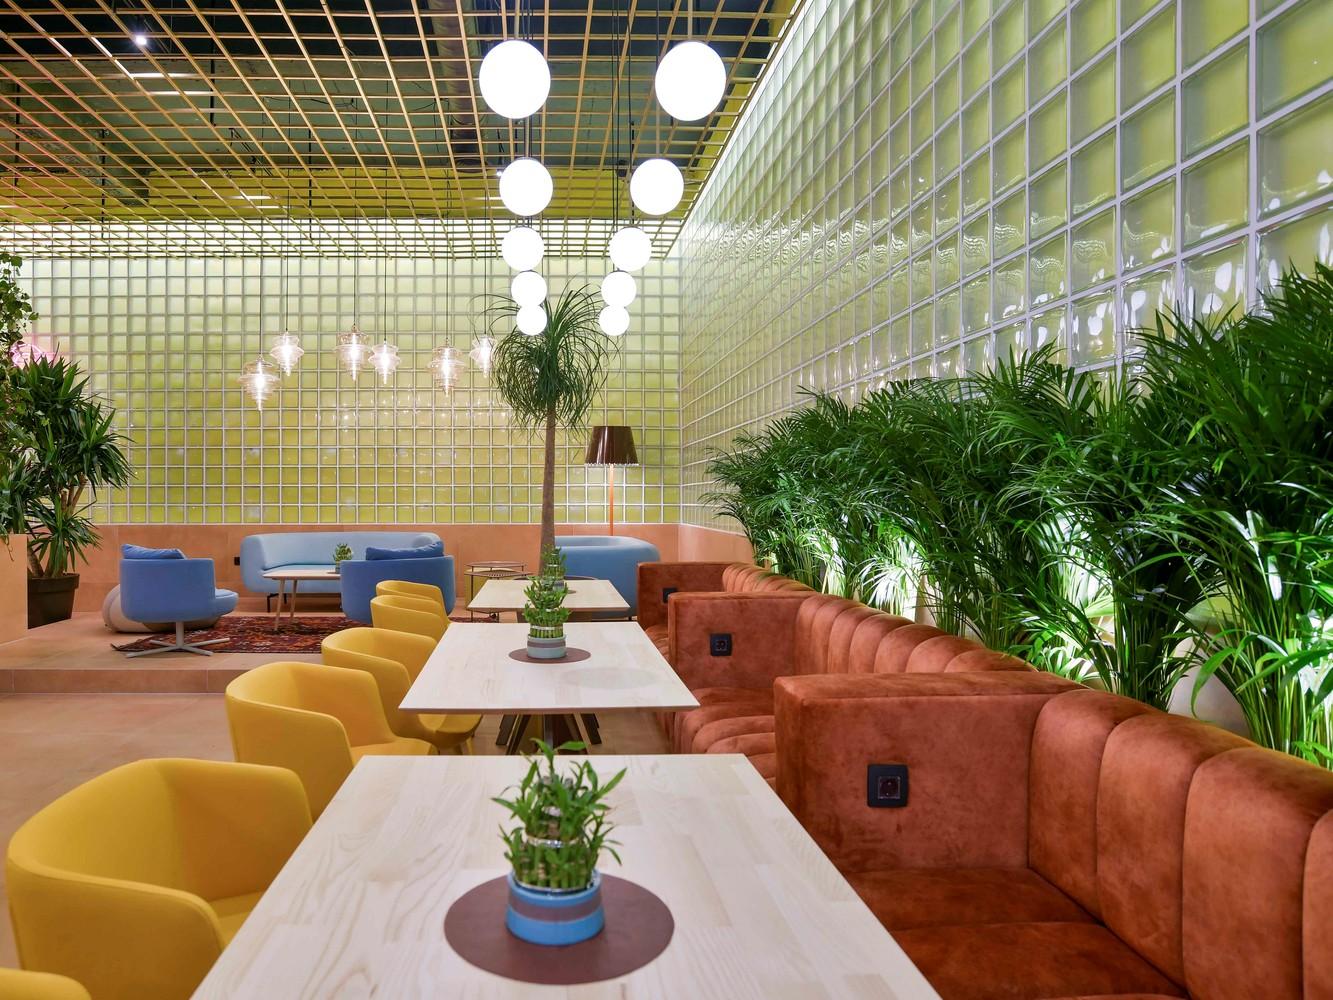 Tendencias en diseño y construcción del 2020: Lo recurrente, popular, relevante y sustancial,HEB'S Restaurant / Maden Group. Image © Atdhe Mulla